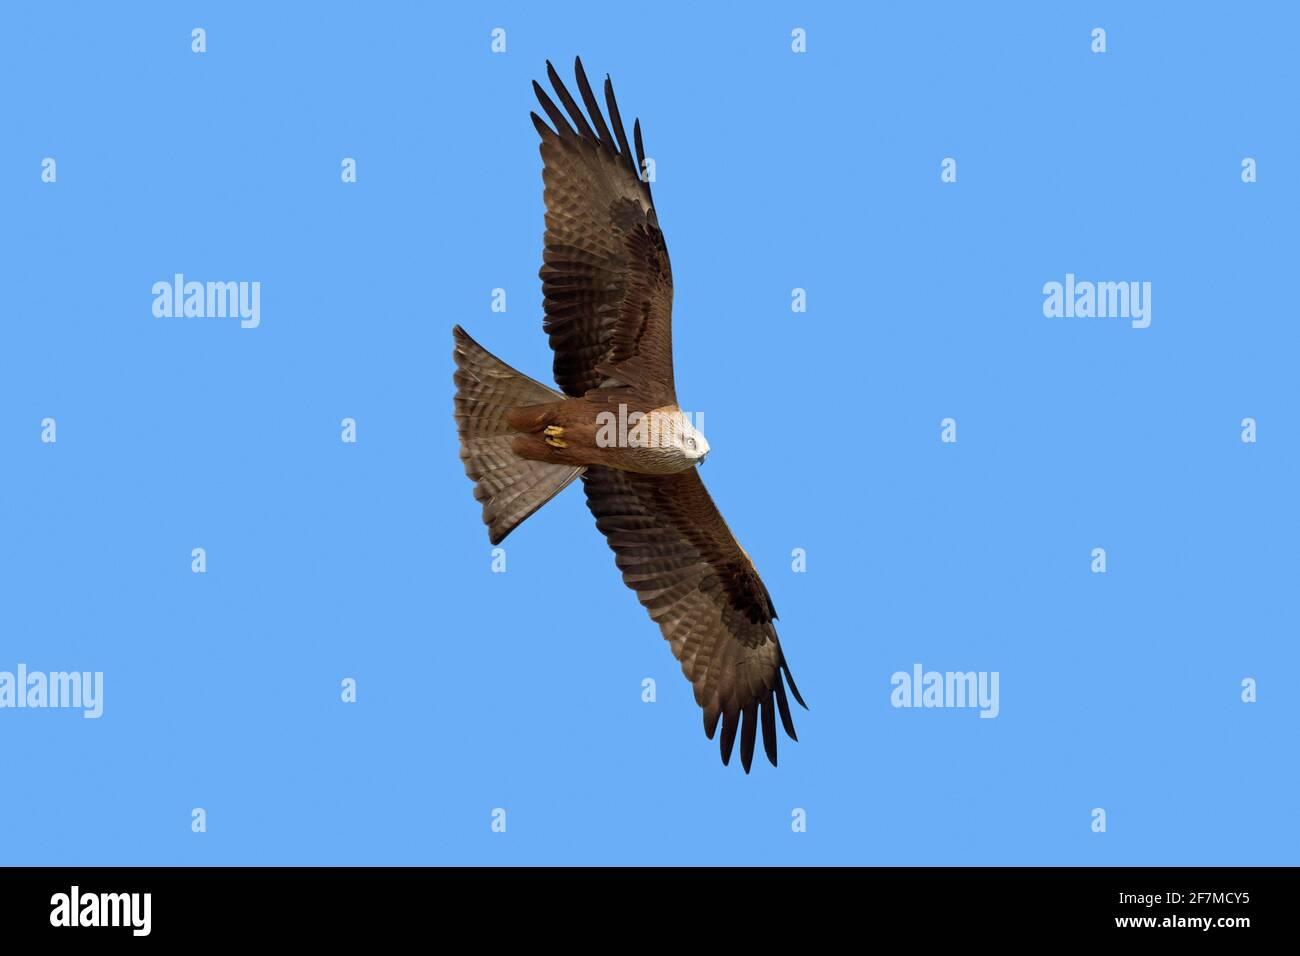 Cometa negro (Milvus migrans) en vuelo que se eleva contra el cielo azul Foto de stock